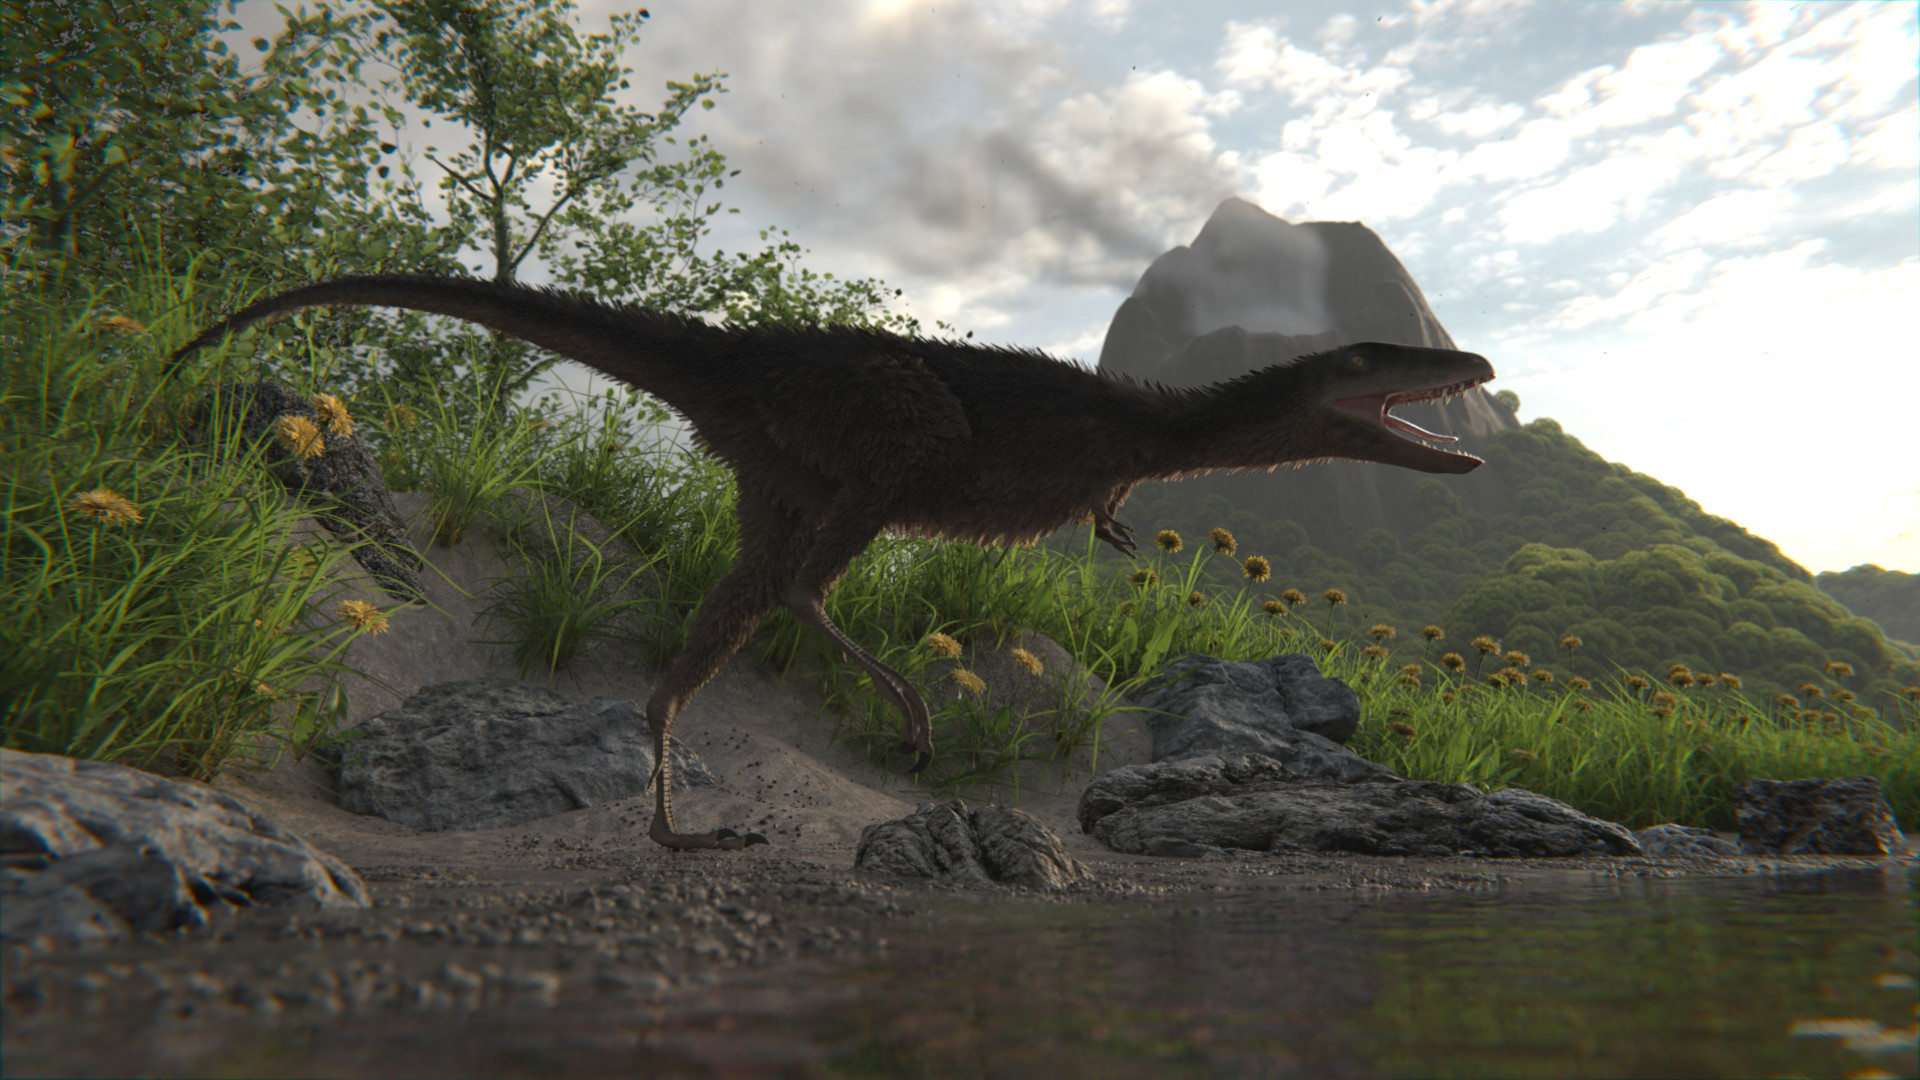 картинки динозавров рапторекс итоге, совсем недавно